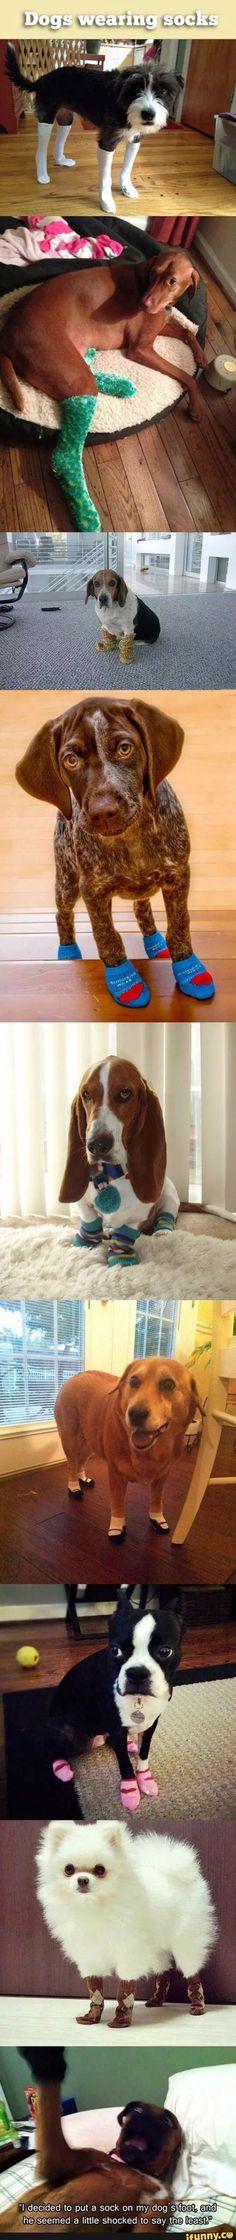 Cuties with socks.